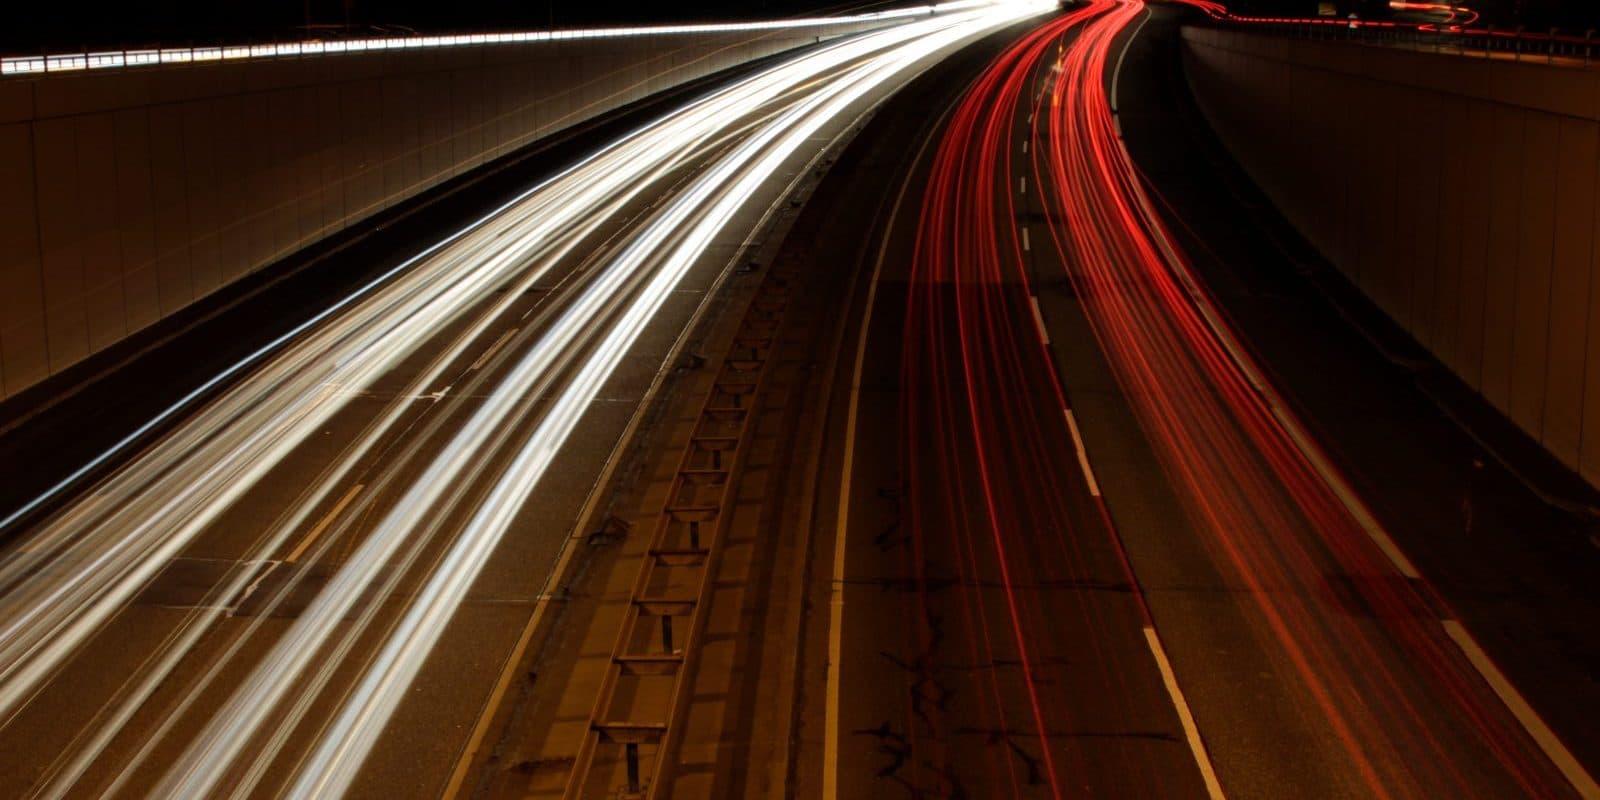 Rijbewijs ingenomen door snelheid